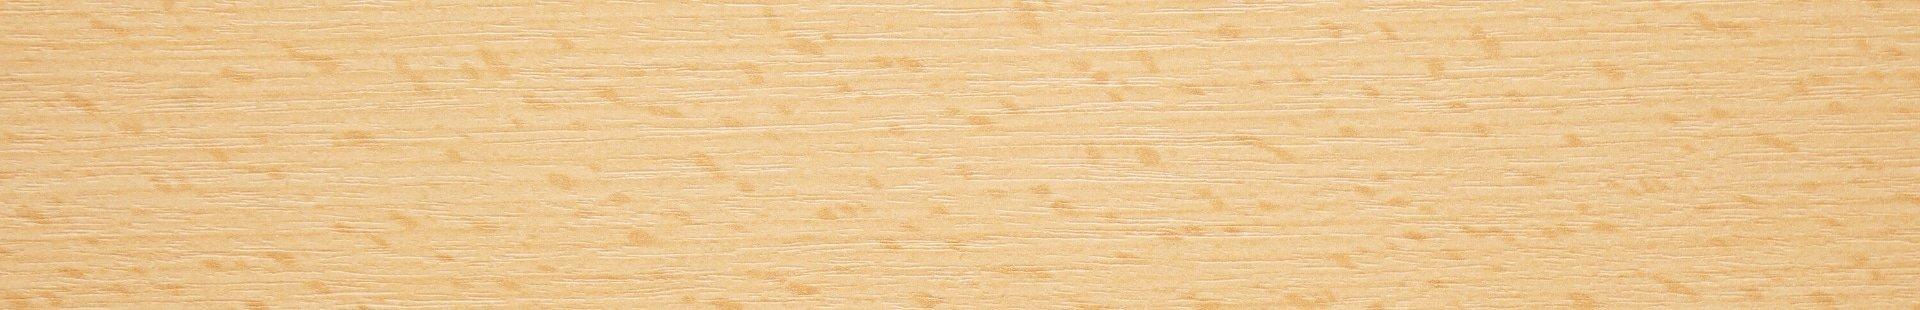 Pflege von Holz: Buche